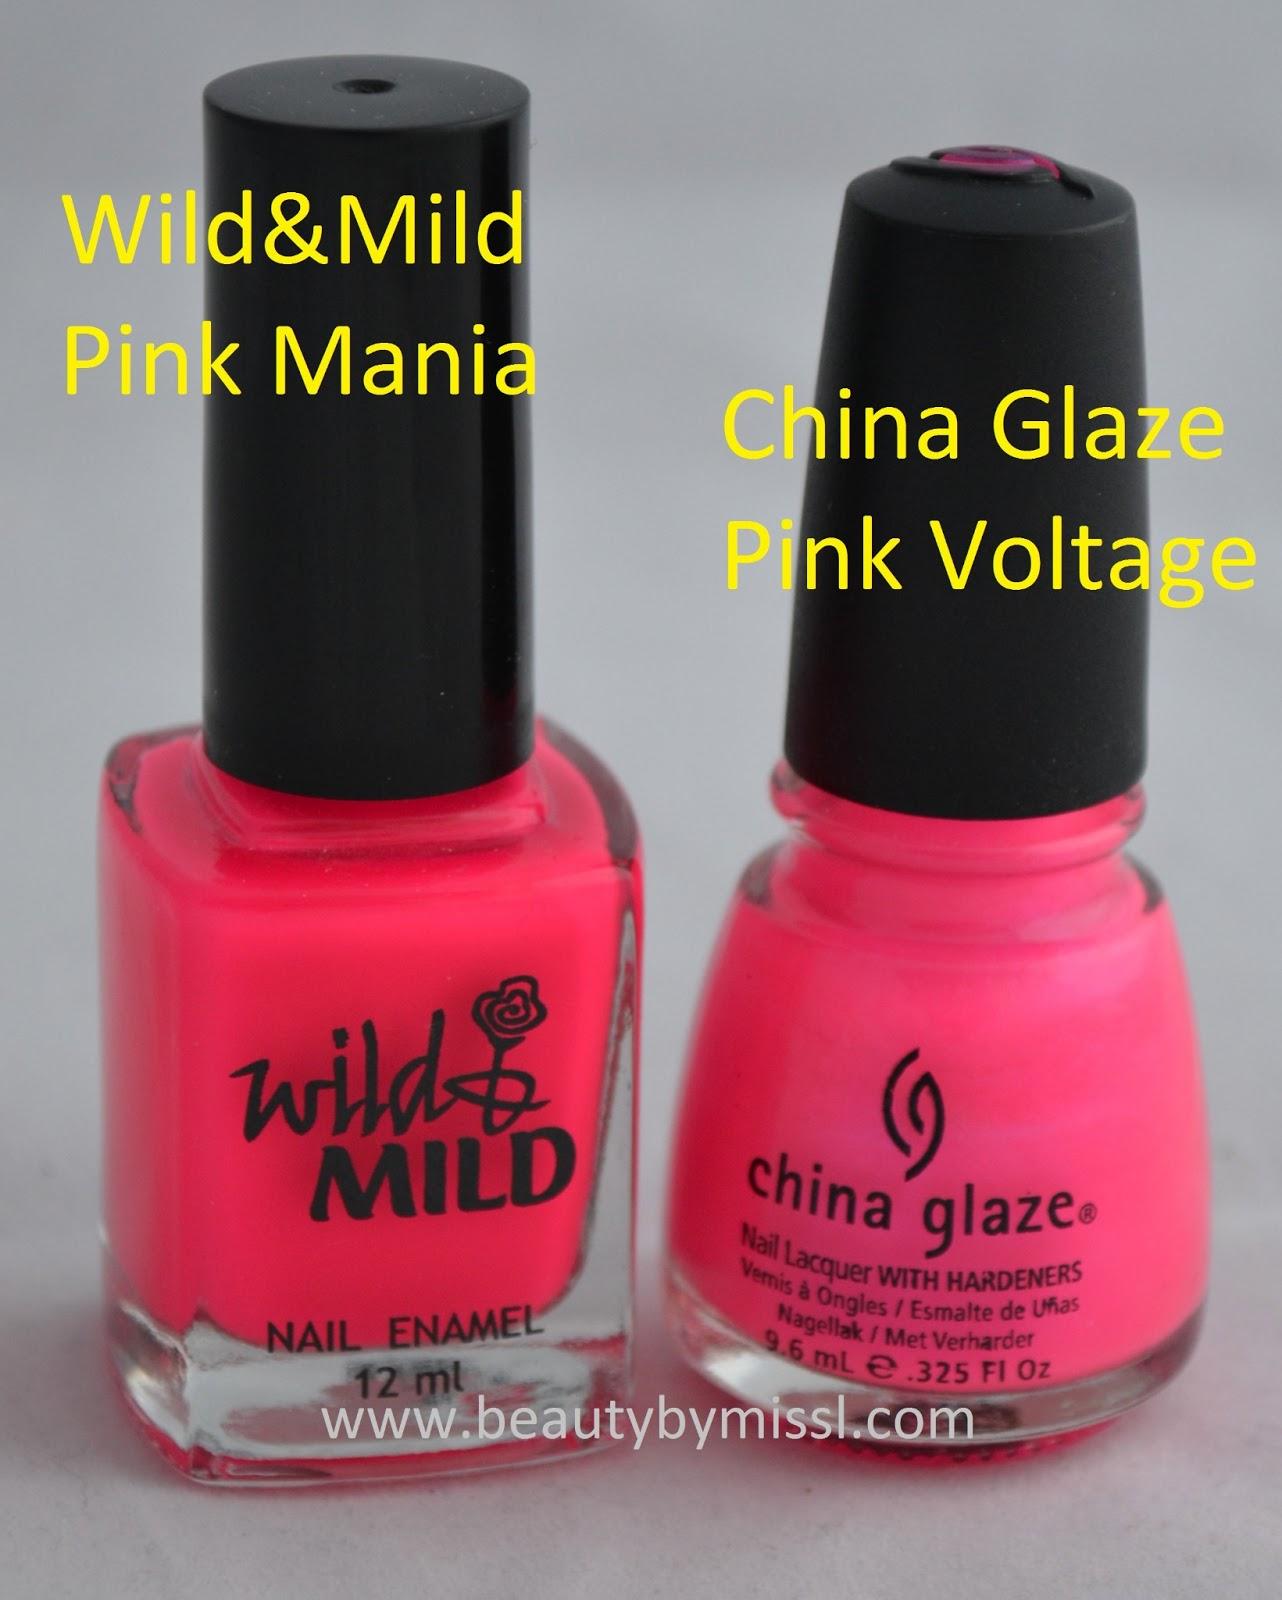 wild&mild pink mania china glaze pink voltage